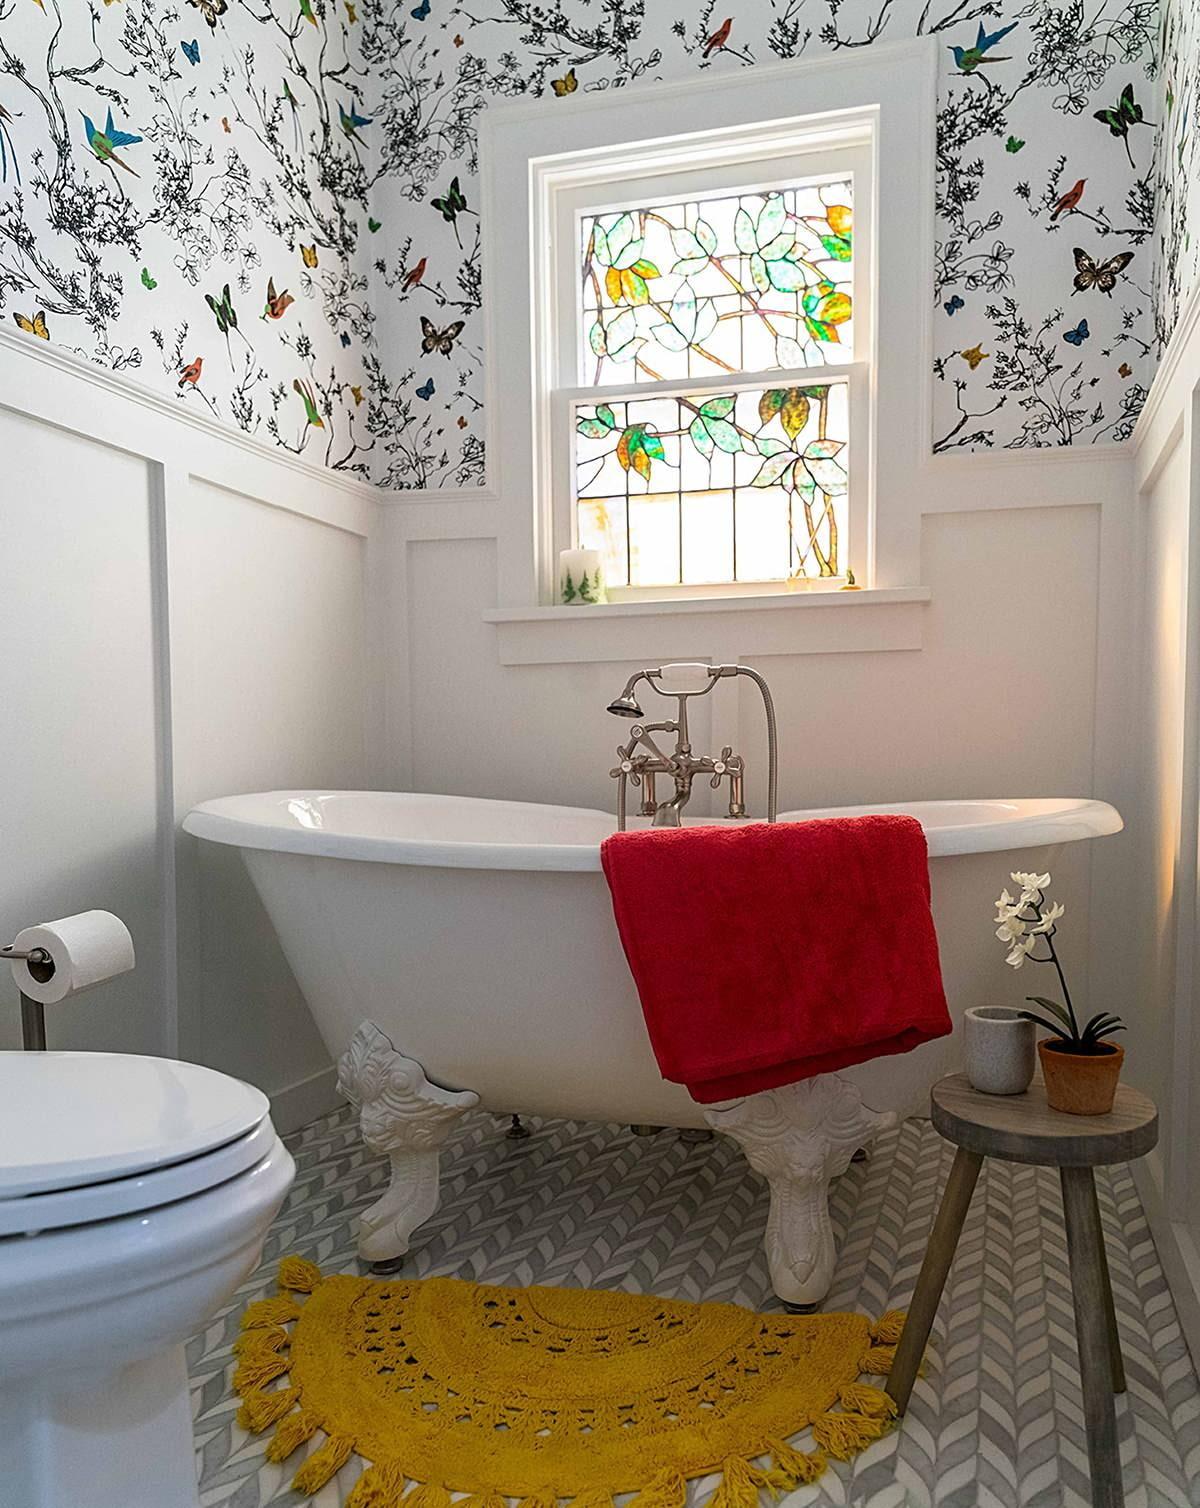 100 лучших идей дизайна для ванной комнаты   интерьер на фото